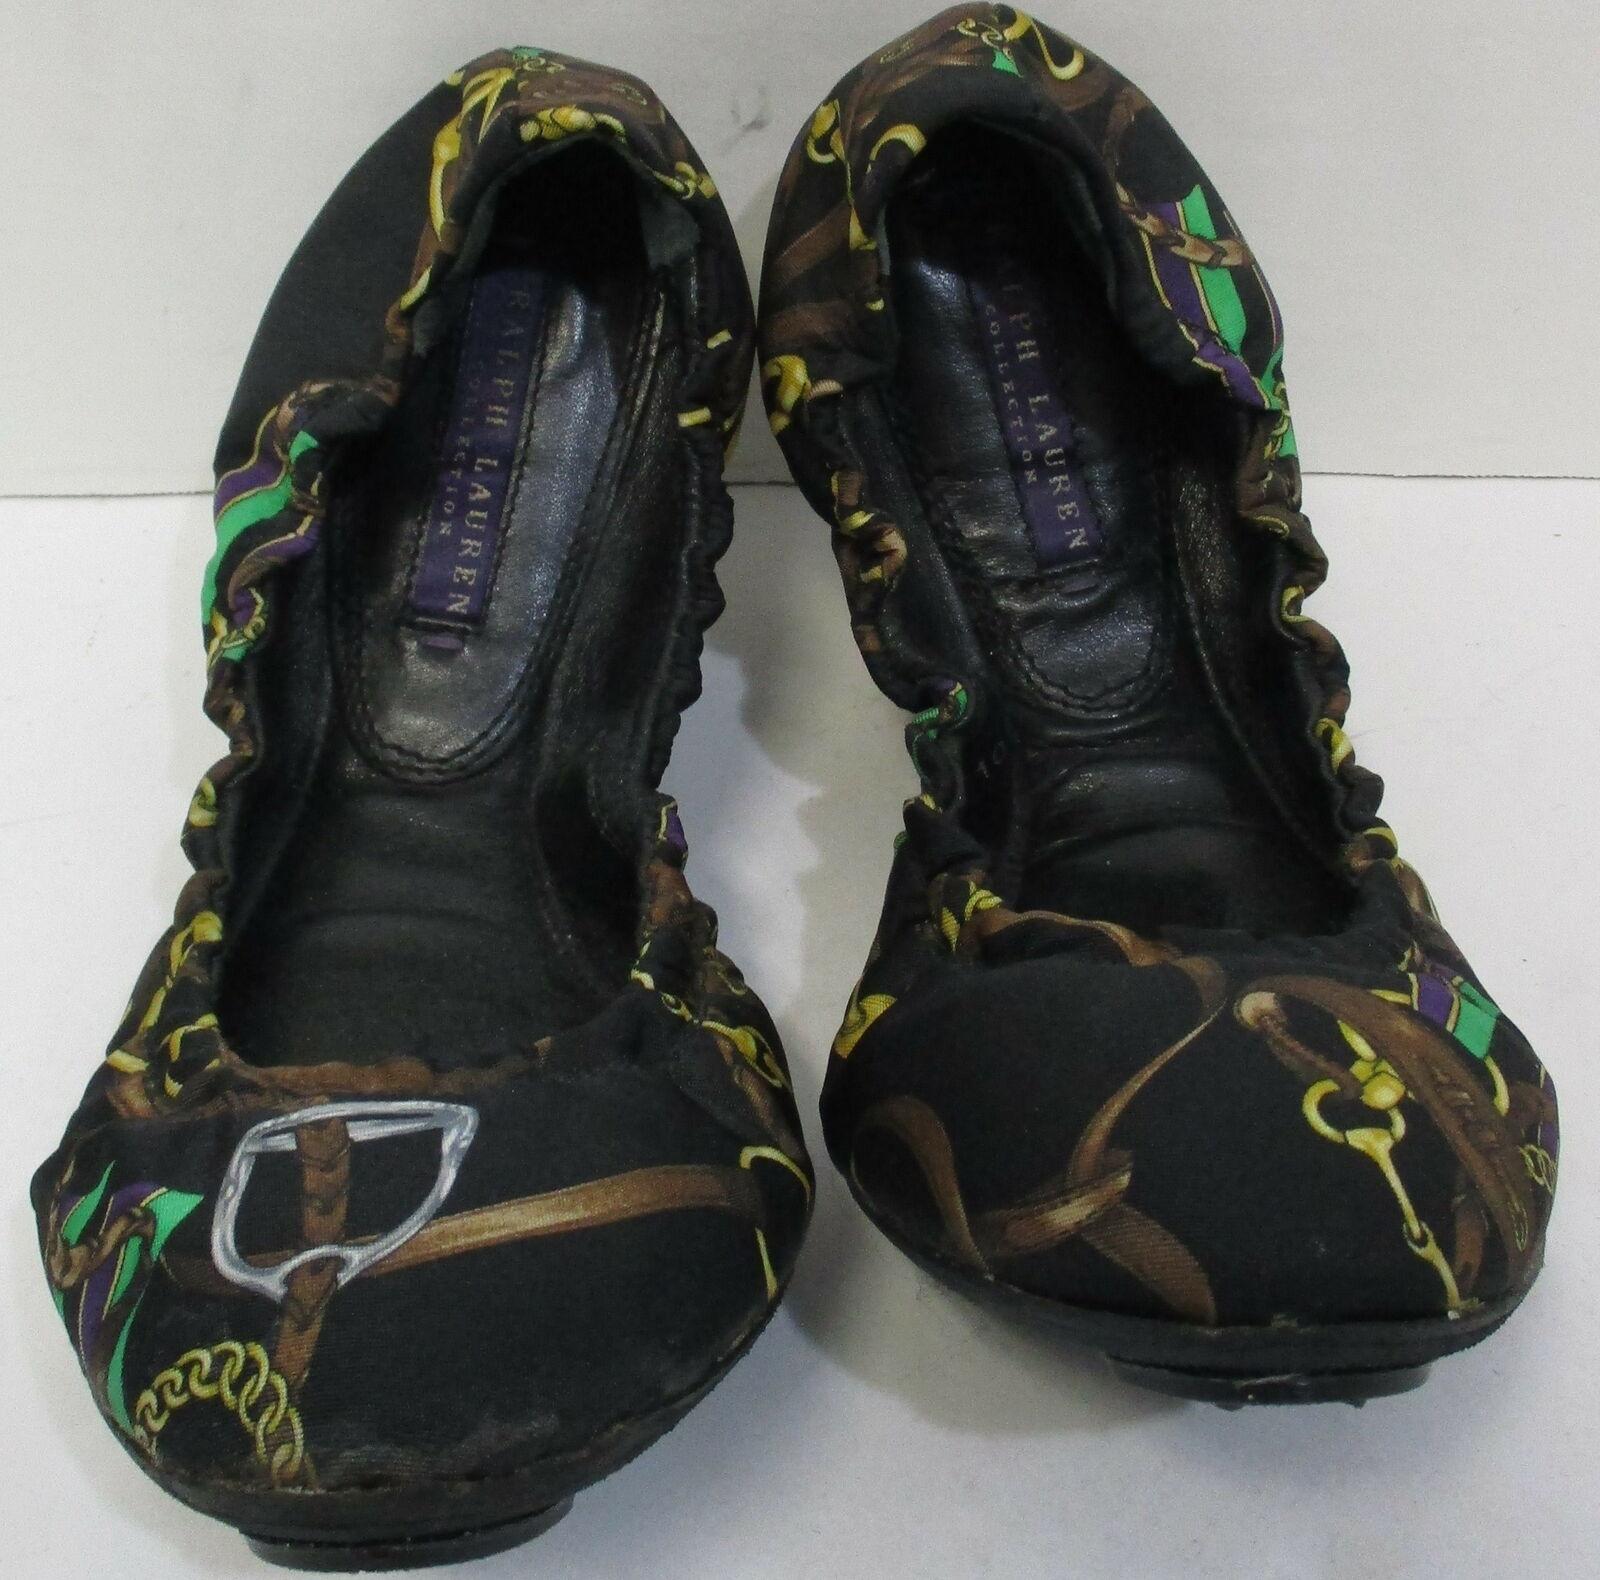 RALPH LAUREN COLLECTION fabric saddle buckle print ballet flat shoe sz 9 fit 8.5